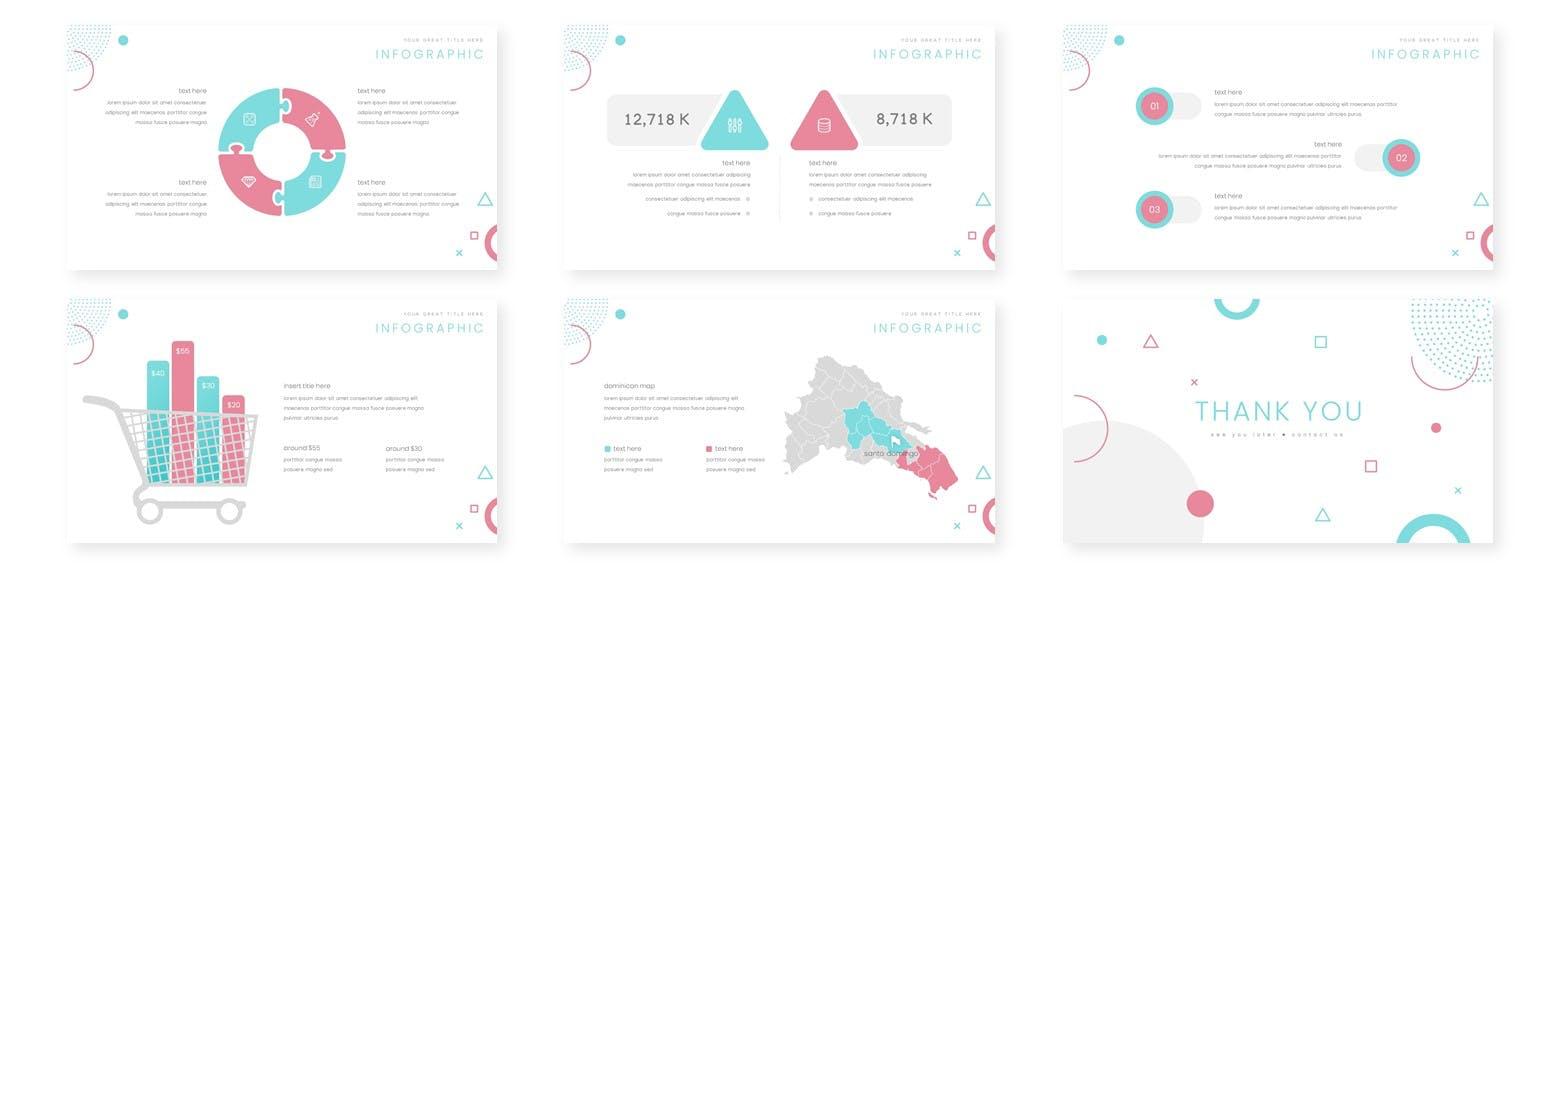 简约的清新企业演示幻灯片多功能PPT模板下载[PPTX] metrico-powerpoint-template-6P4D62N